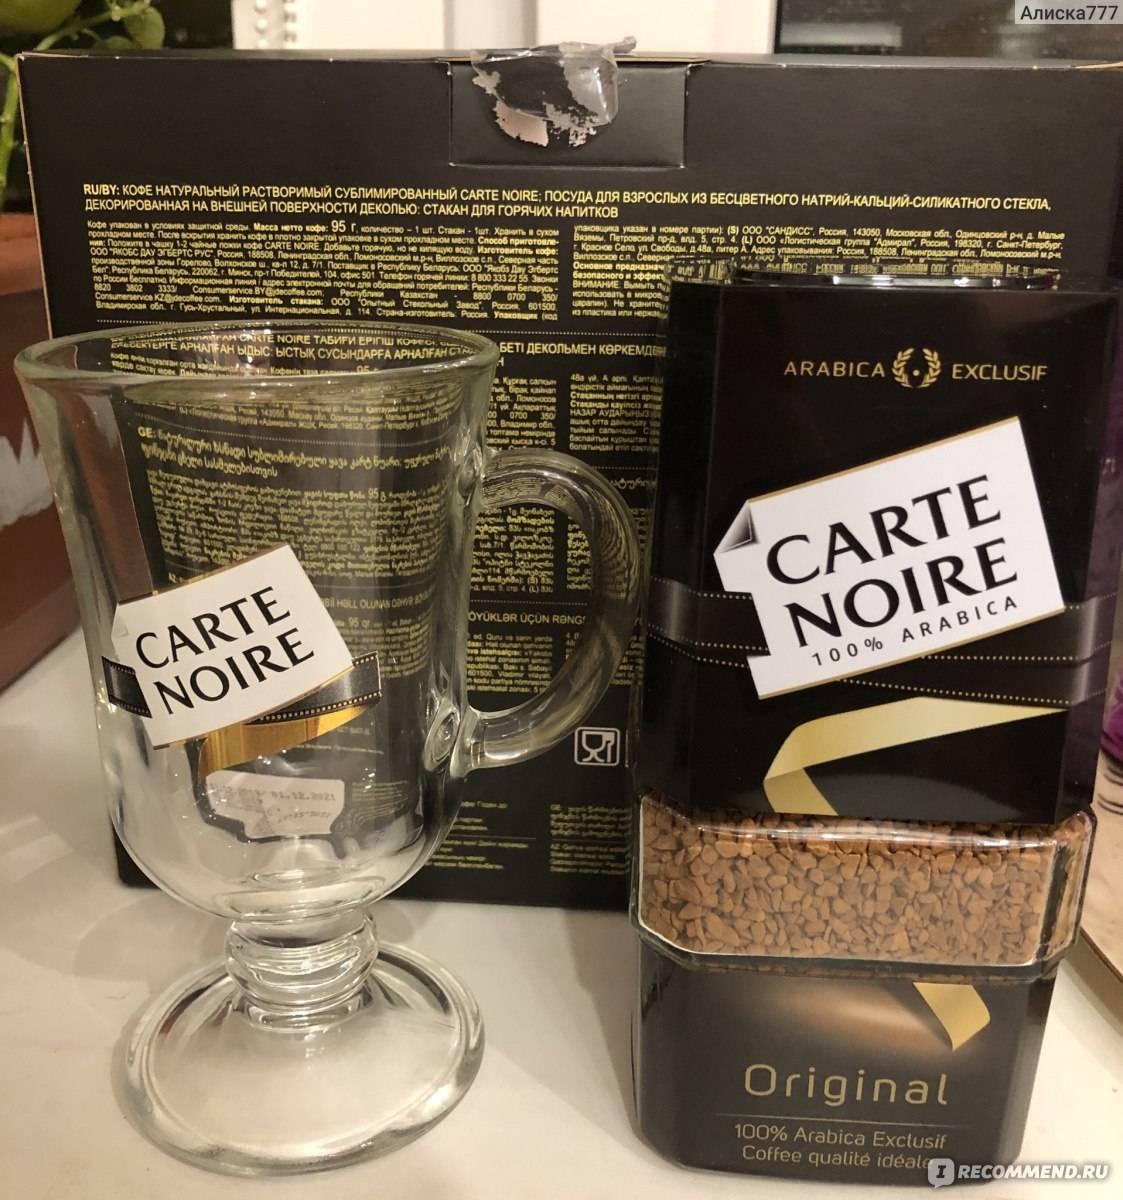 Кофе carte noire (карт нуар) - бренд, цены, ассортимент, отзывы